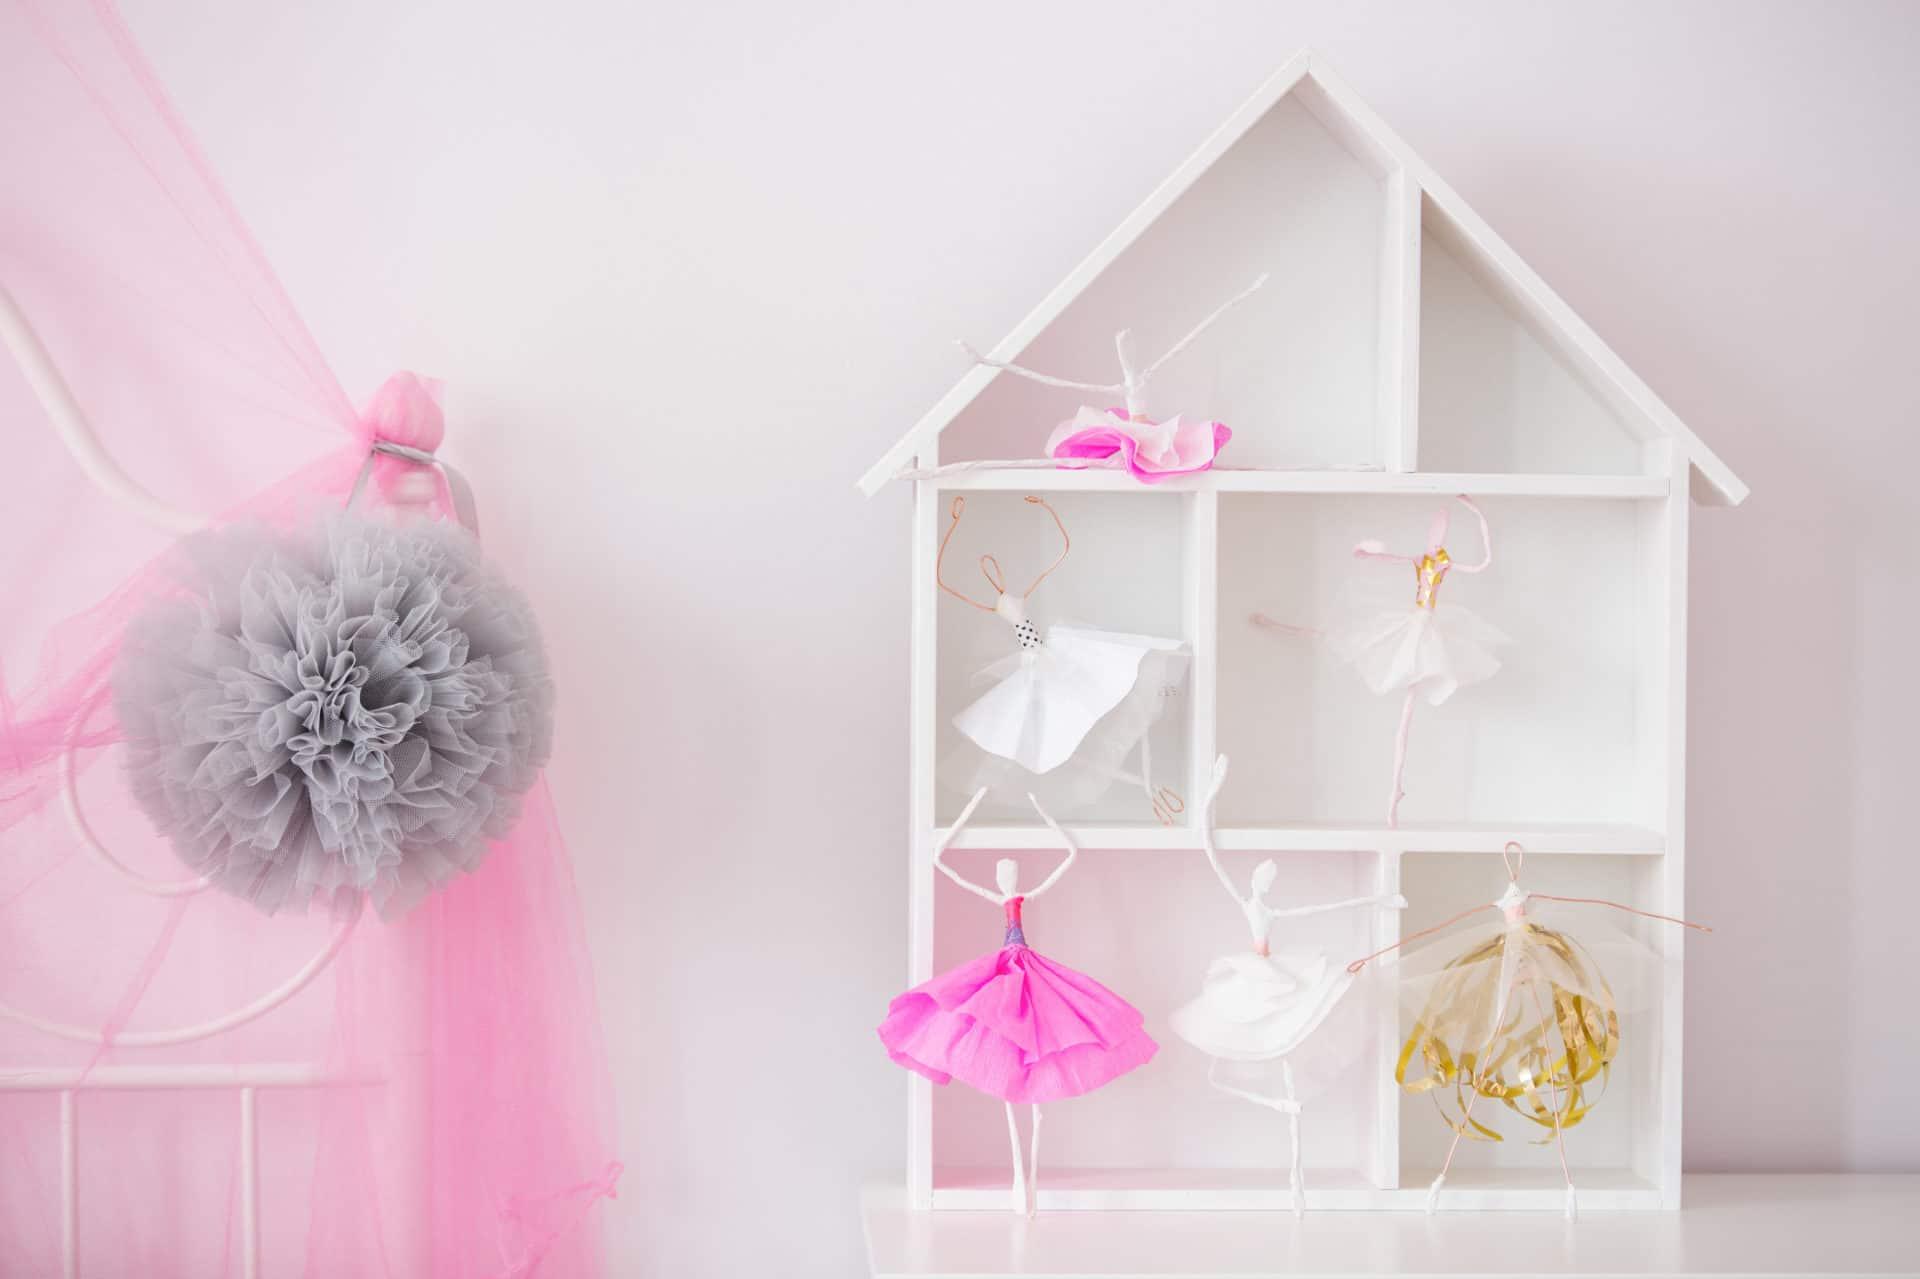 Jeux Rangement De La Maison une maison de poupée et étagère de rangement : un jouet